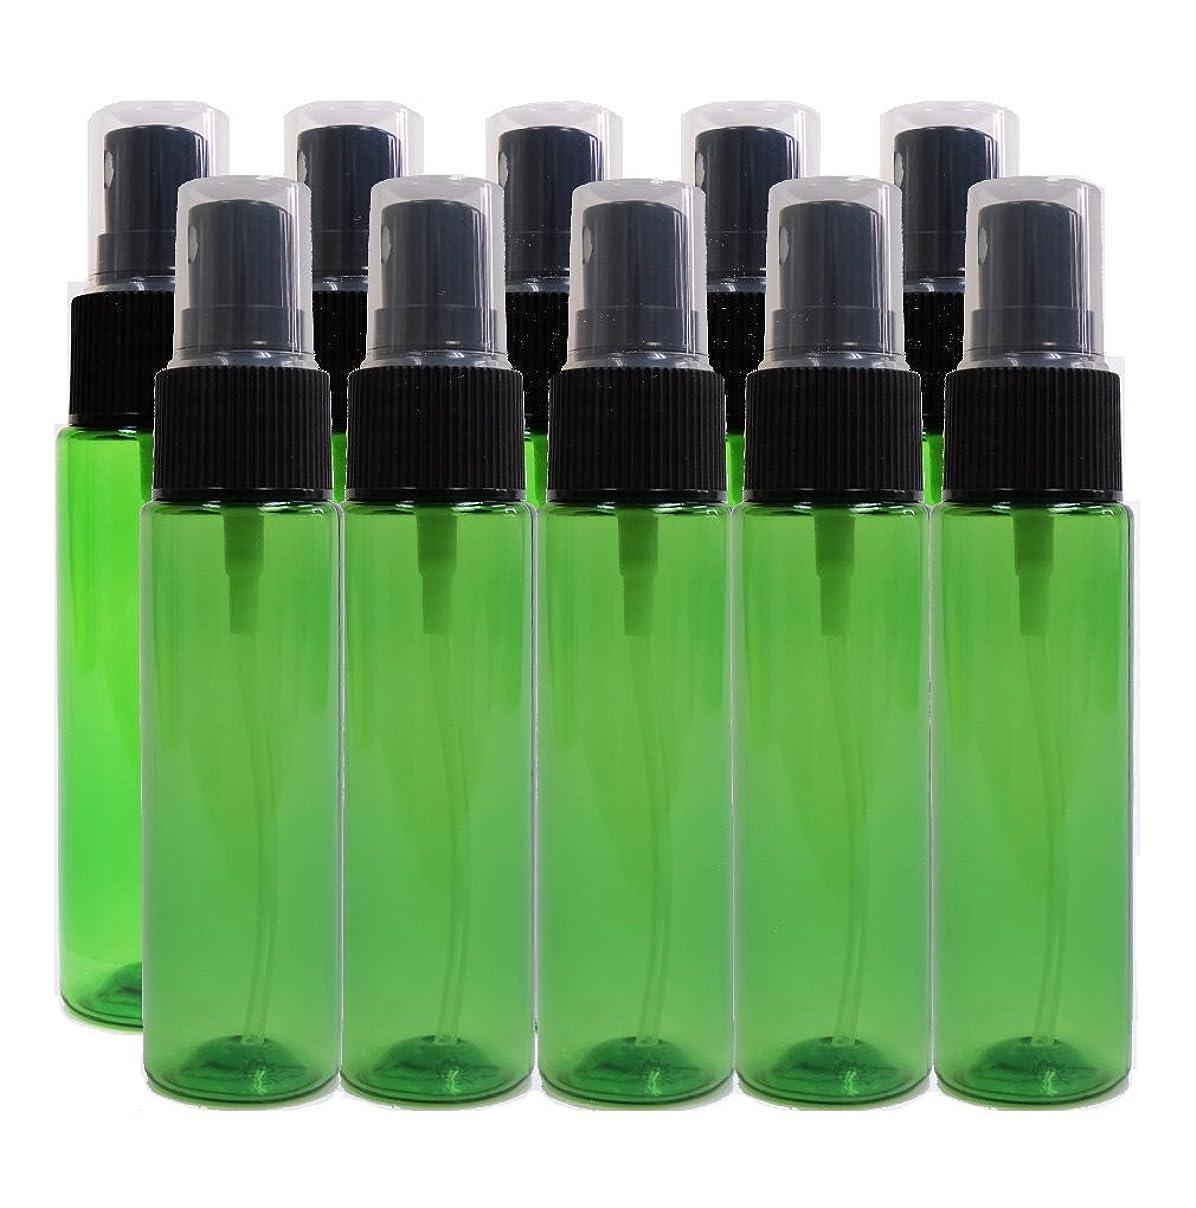 クラウド繁殖見捨てるease 保存容器 スプレータイプ プラスチック 緑色 30ml×10本